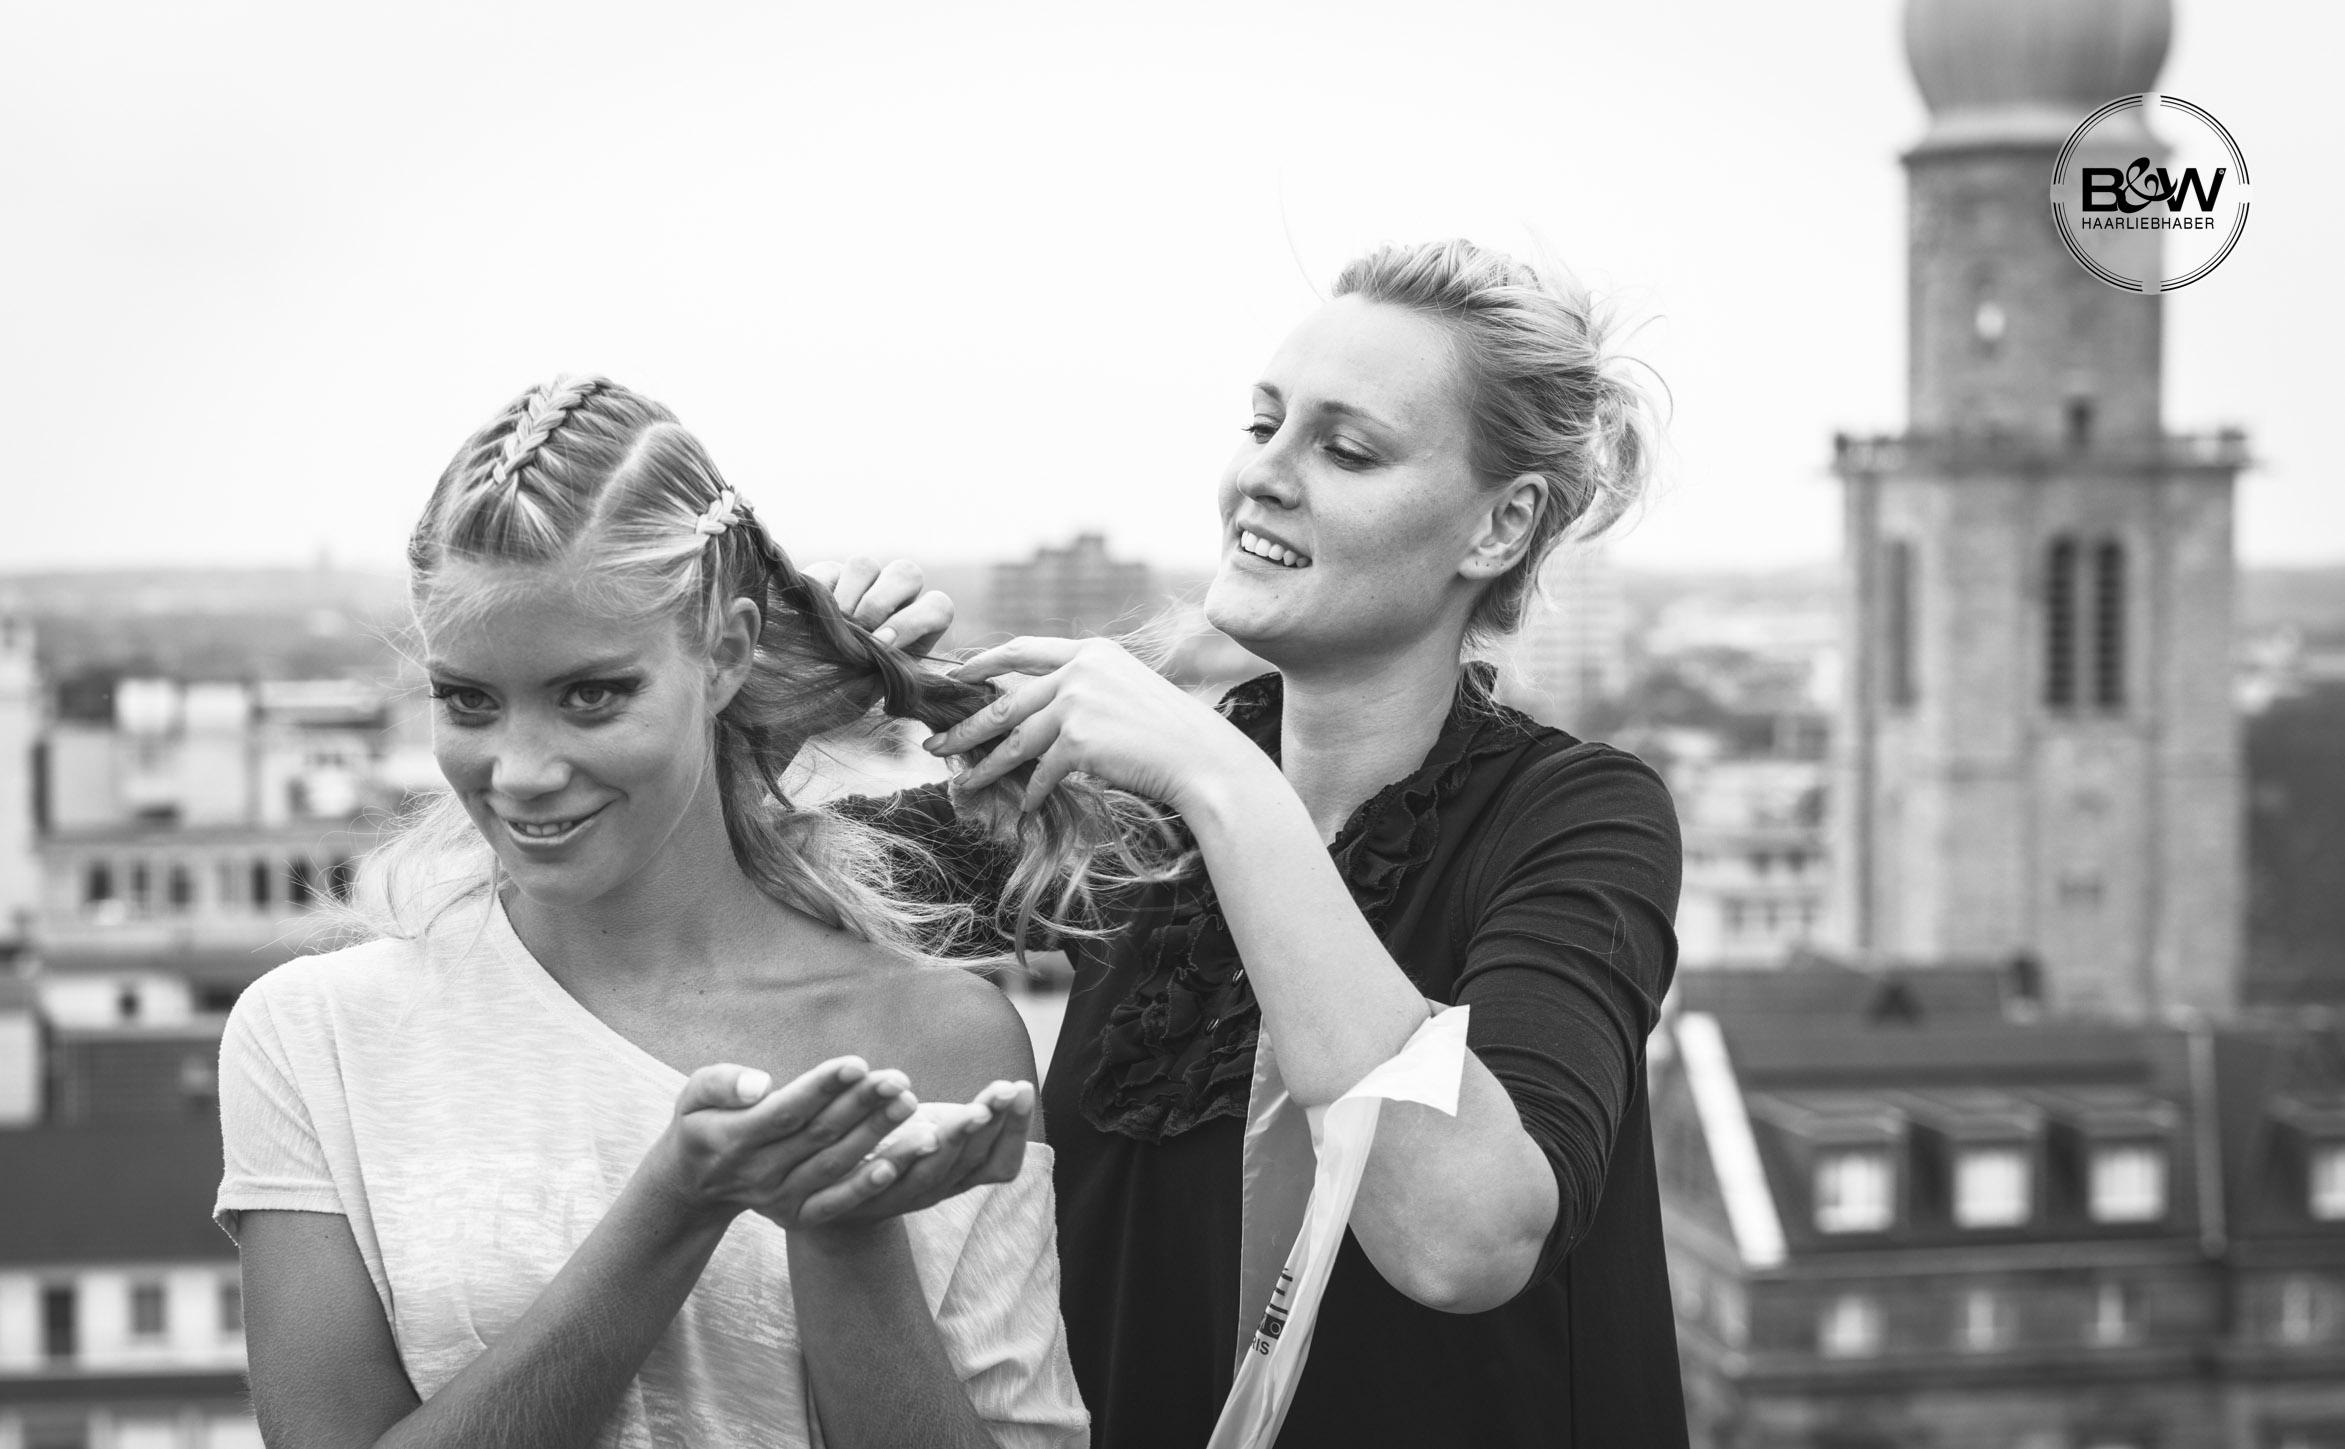 46_B&W-Friseure_Haarliebhaber_Friseur-Dortmund_Kosmetikprodukt_beste-Haarpflege_bester-Friseur_Malvins_at-malvins_Haar_styling_Deutschland_haarliebhaber